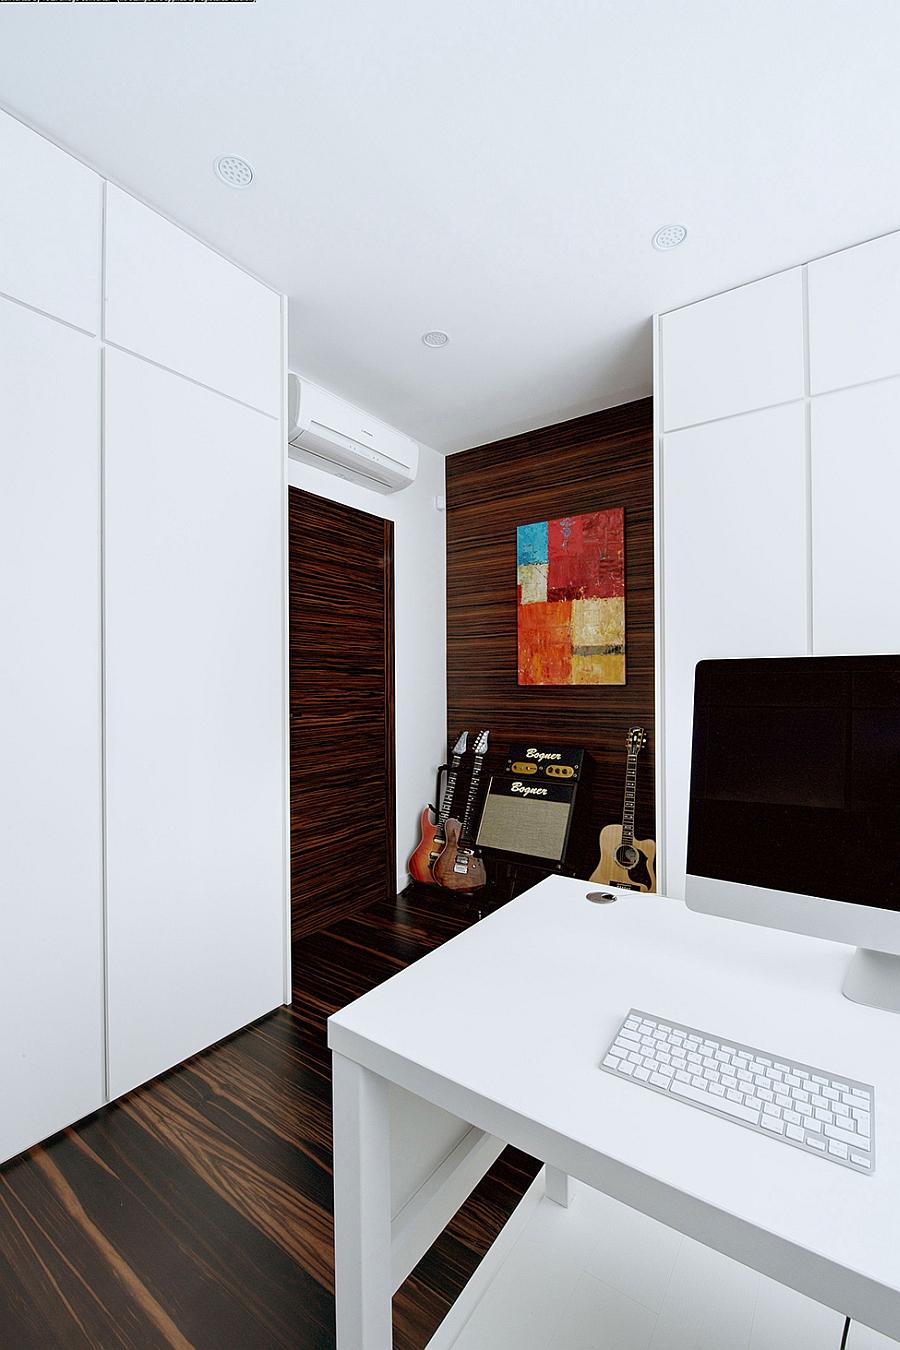 apartament-v-moskva-pokazva-zabelejitelen-dizain-7g